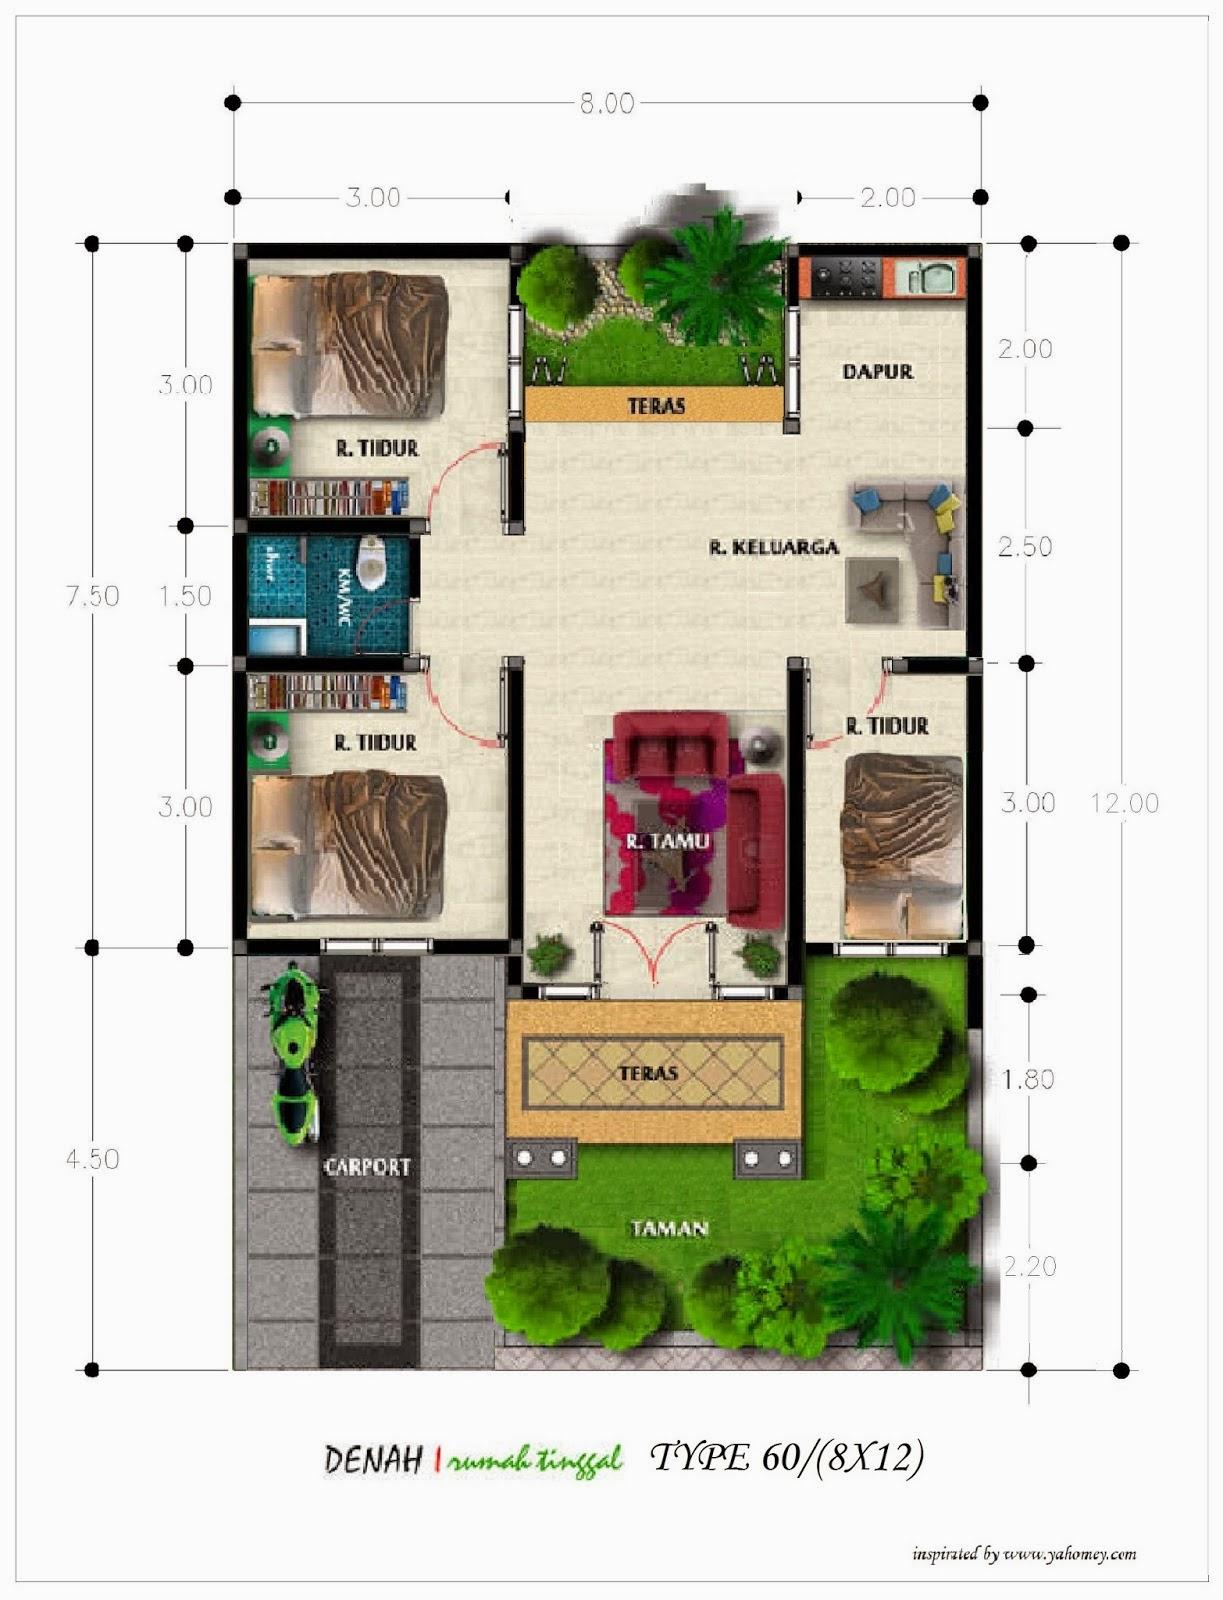 desain interior rumah minimalis type 60 gambar rumah